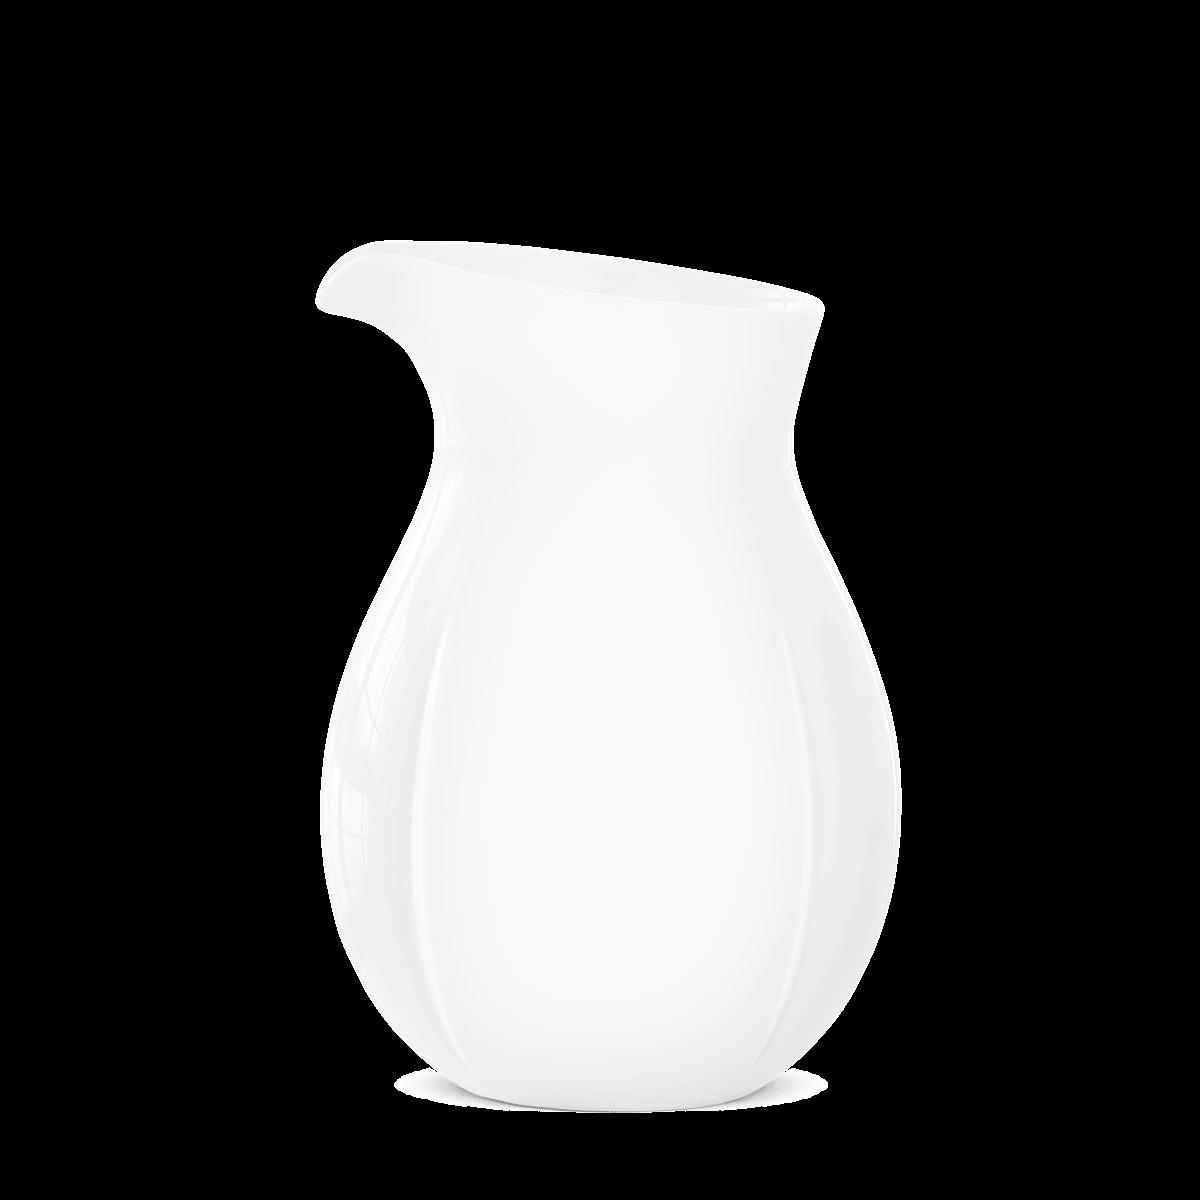 ROSENDAHL Grand Cru soft mælkekande 0,5 ltr